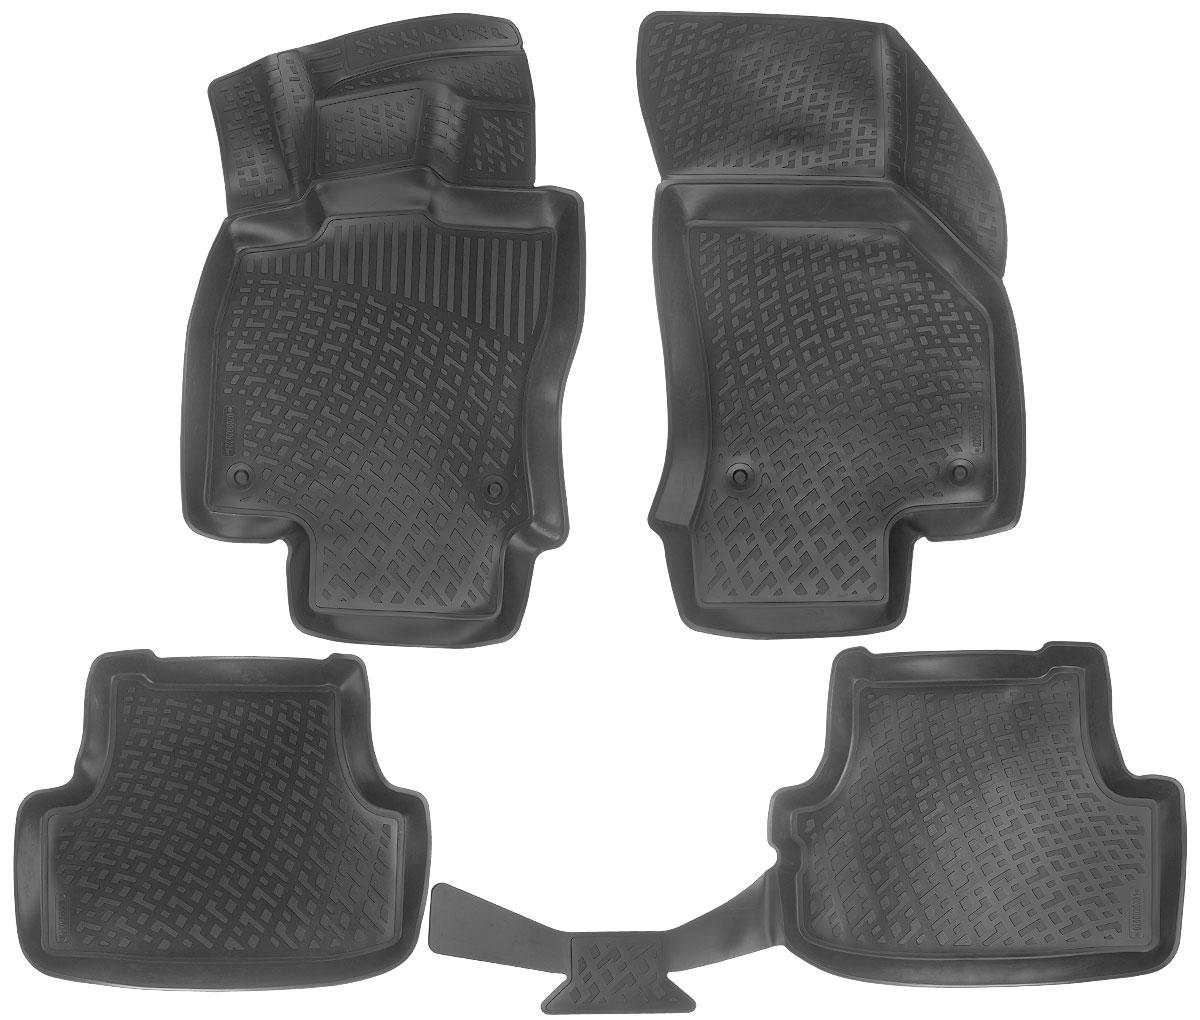 Набор автомобильных ковриков L.Locker Audi A3 (8V) Sportback 2012, в салон, 4 штNLC.07.04.B10Набор L.Locker Audi A3 (8V) Sportback 2012, изготовленный из полиуретана, состоит из 4 ковриков, которые производятся индивидуально для каждой модели автомобиля. Изделие точно повторяет геометрию пола автомобиля, имеет высокий борт, обладает повышенной износоустойчивостью, лишен резкого запаха и сохраняет свои потребительские свойства в широком диапазоне температур от -50°С до +80°С.В набор входят 7 специальных креплений и инструкция на русском языке по их фиксации.Комплектация: 4 шт.Размер ковриков: 87 см х 55 см; 58 см х 46 см; 106 см х 46 см; 84 см х 51 см.